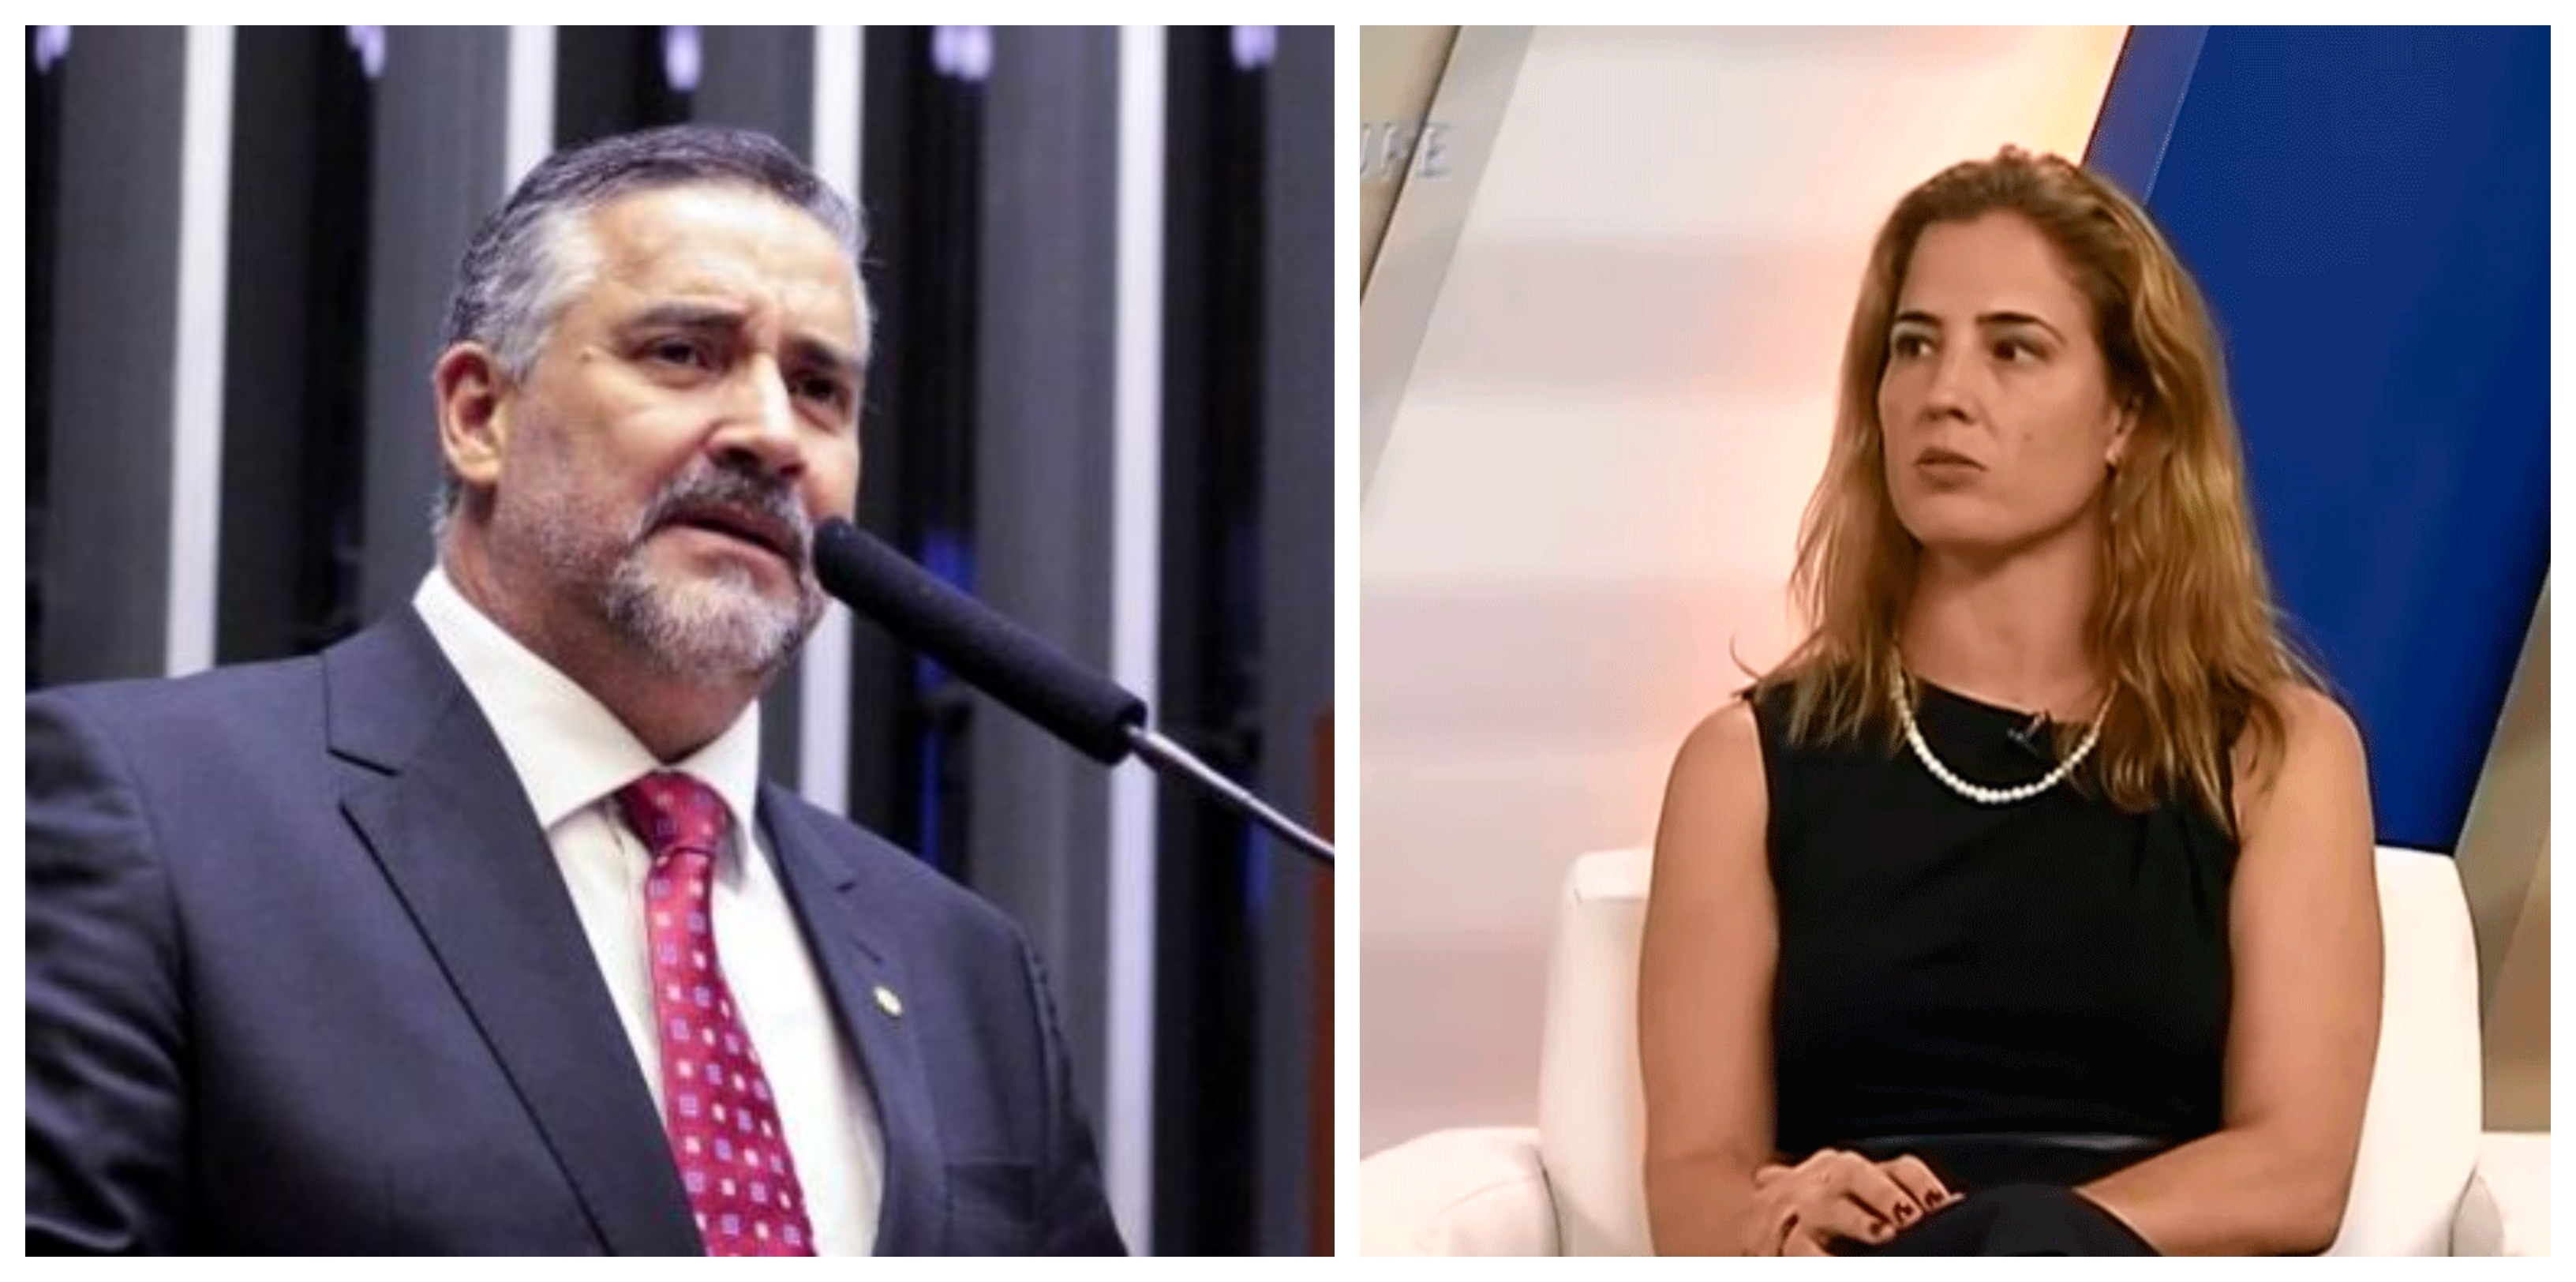 Pimenta detona: Juíza chega a absurdos como dizer que Lula frequentava o sítio mais que o dono e citar um delator como se fossem dois!; veja vídeo